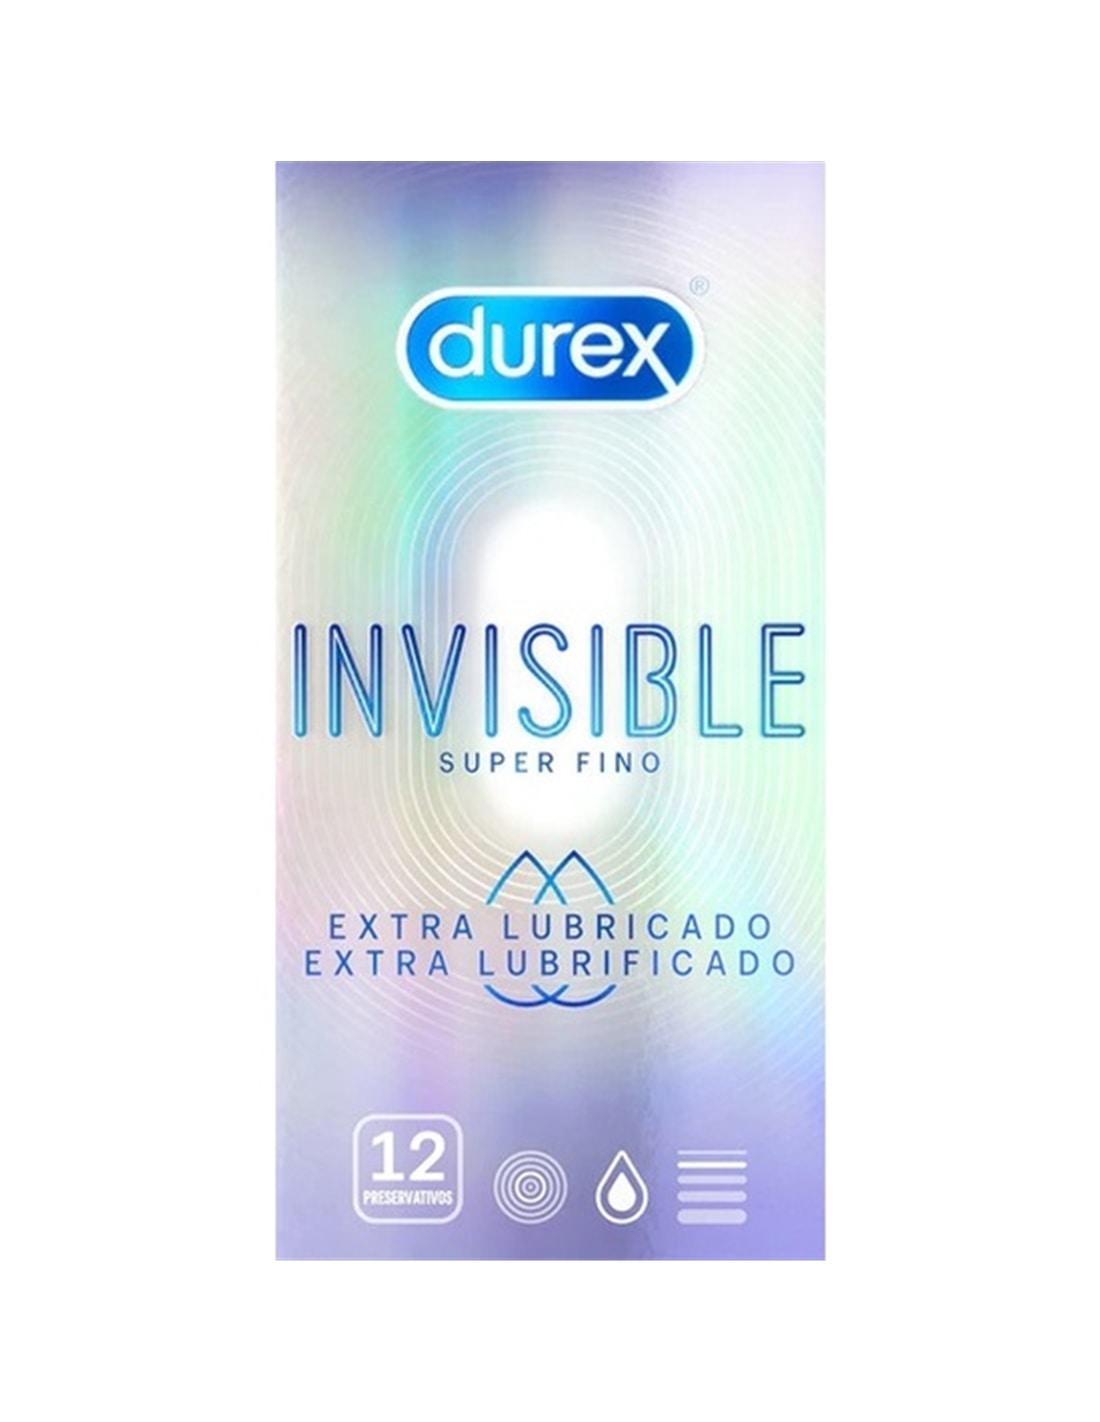 21813 - Durex Invisible Extra Fino Extra Lubrificado 12 Un-PR2010338781